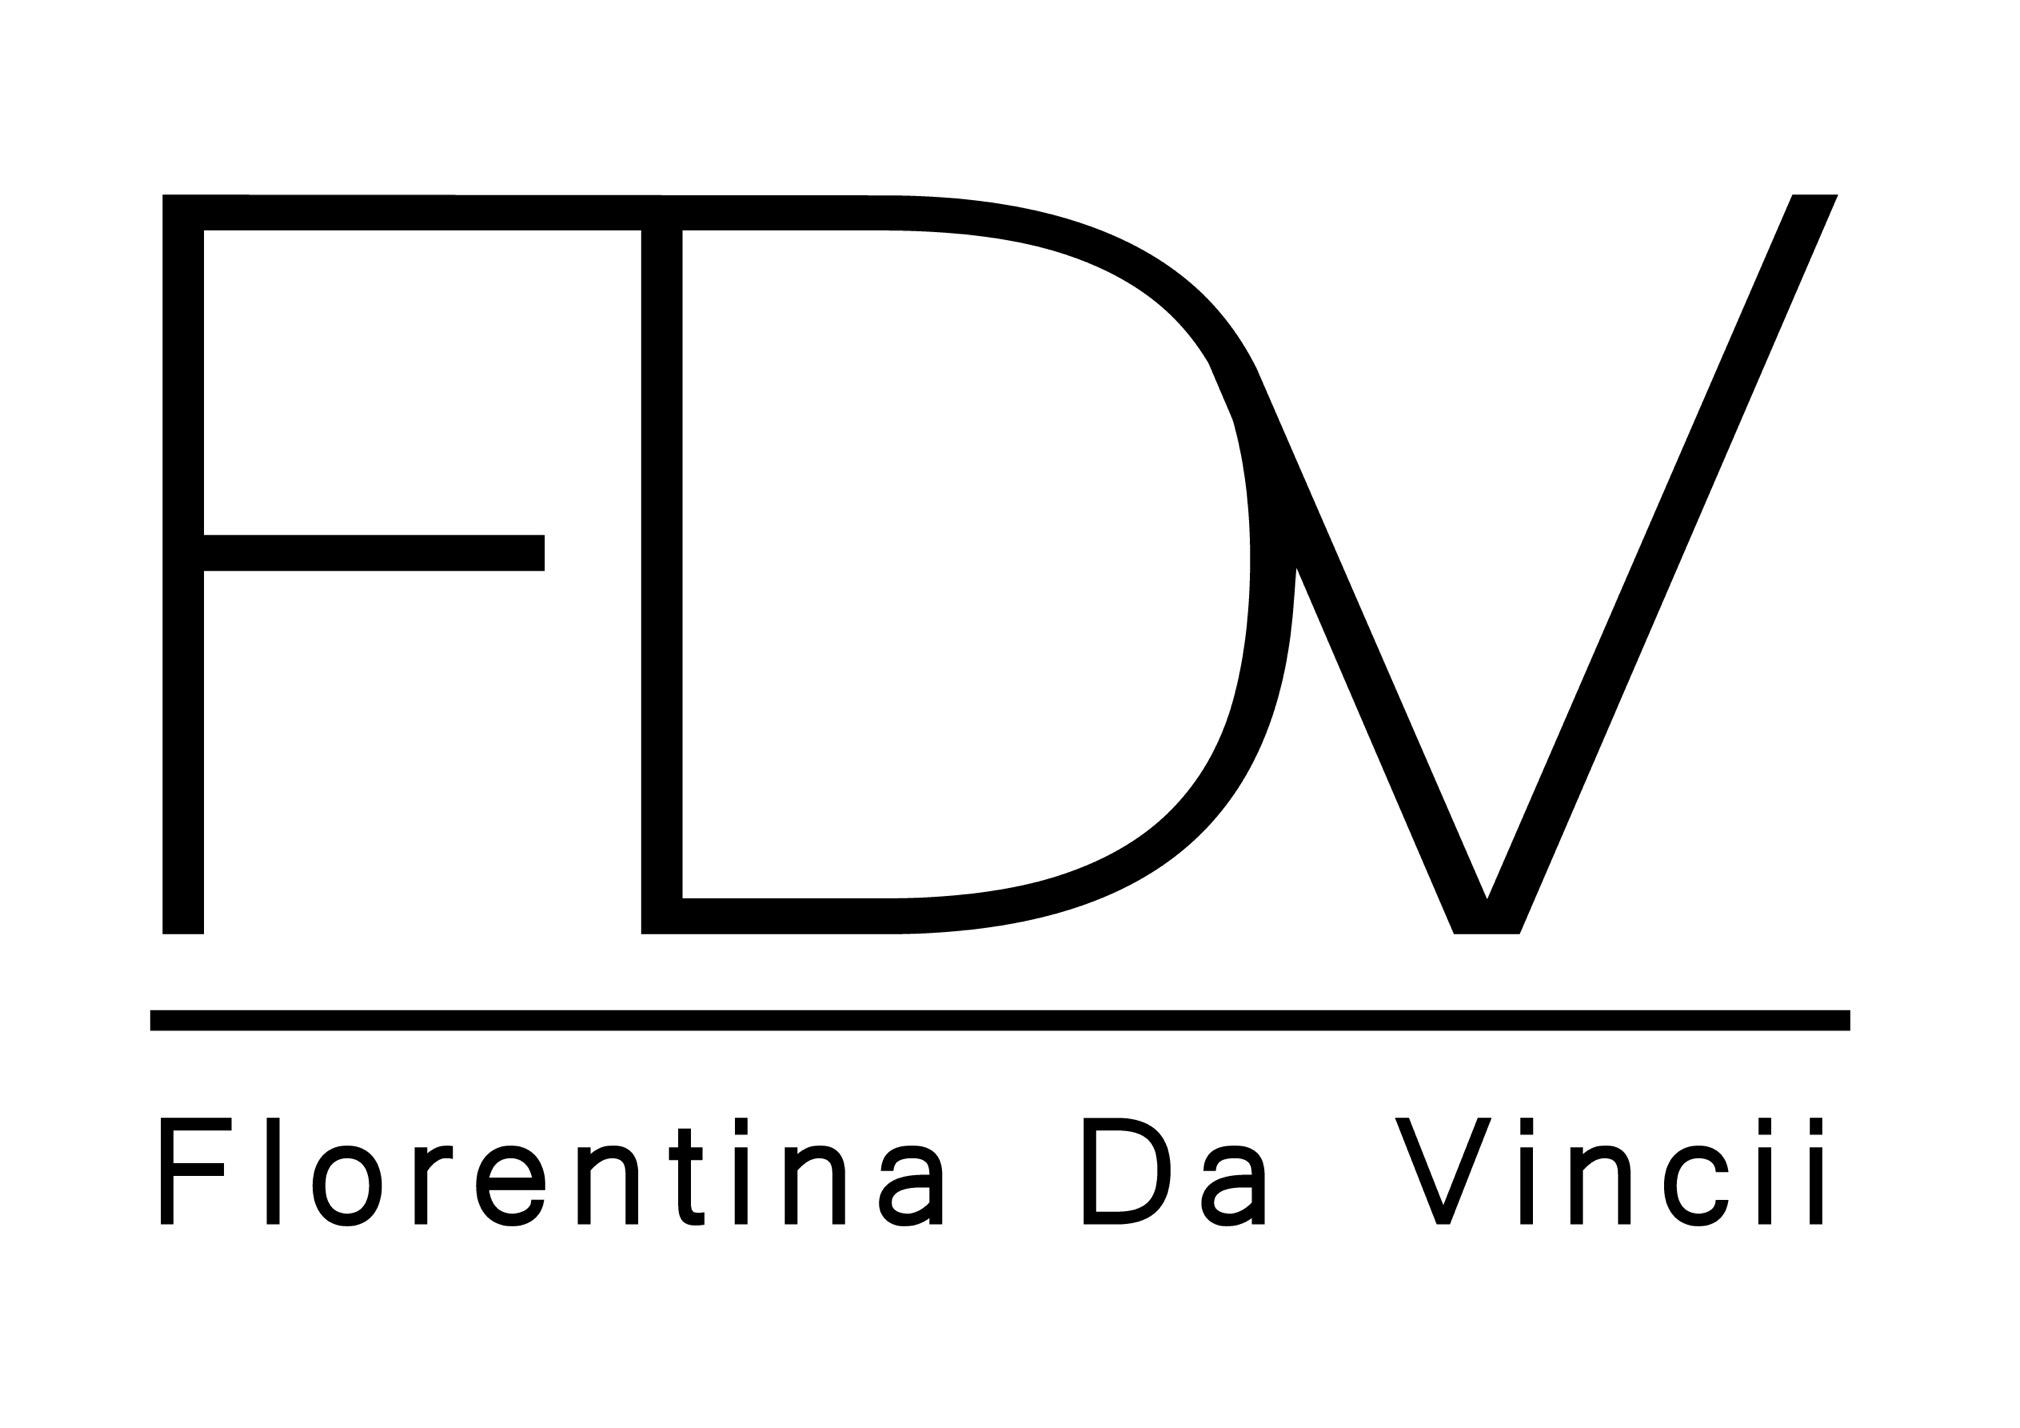 201803/fdv-logo1.jpg